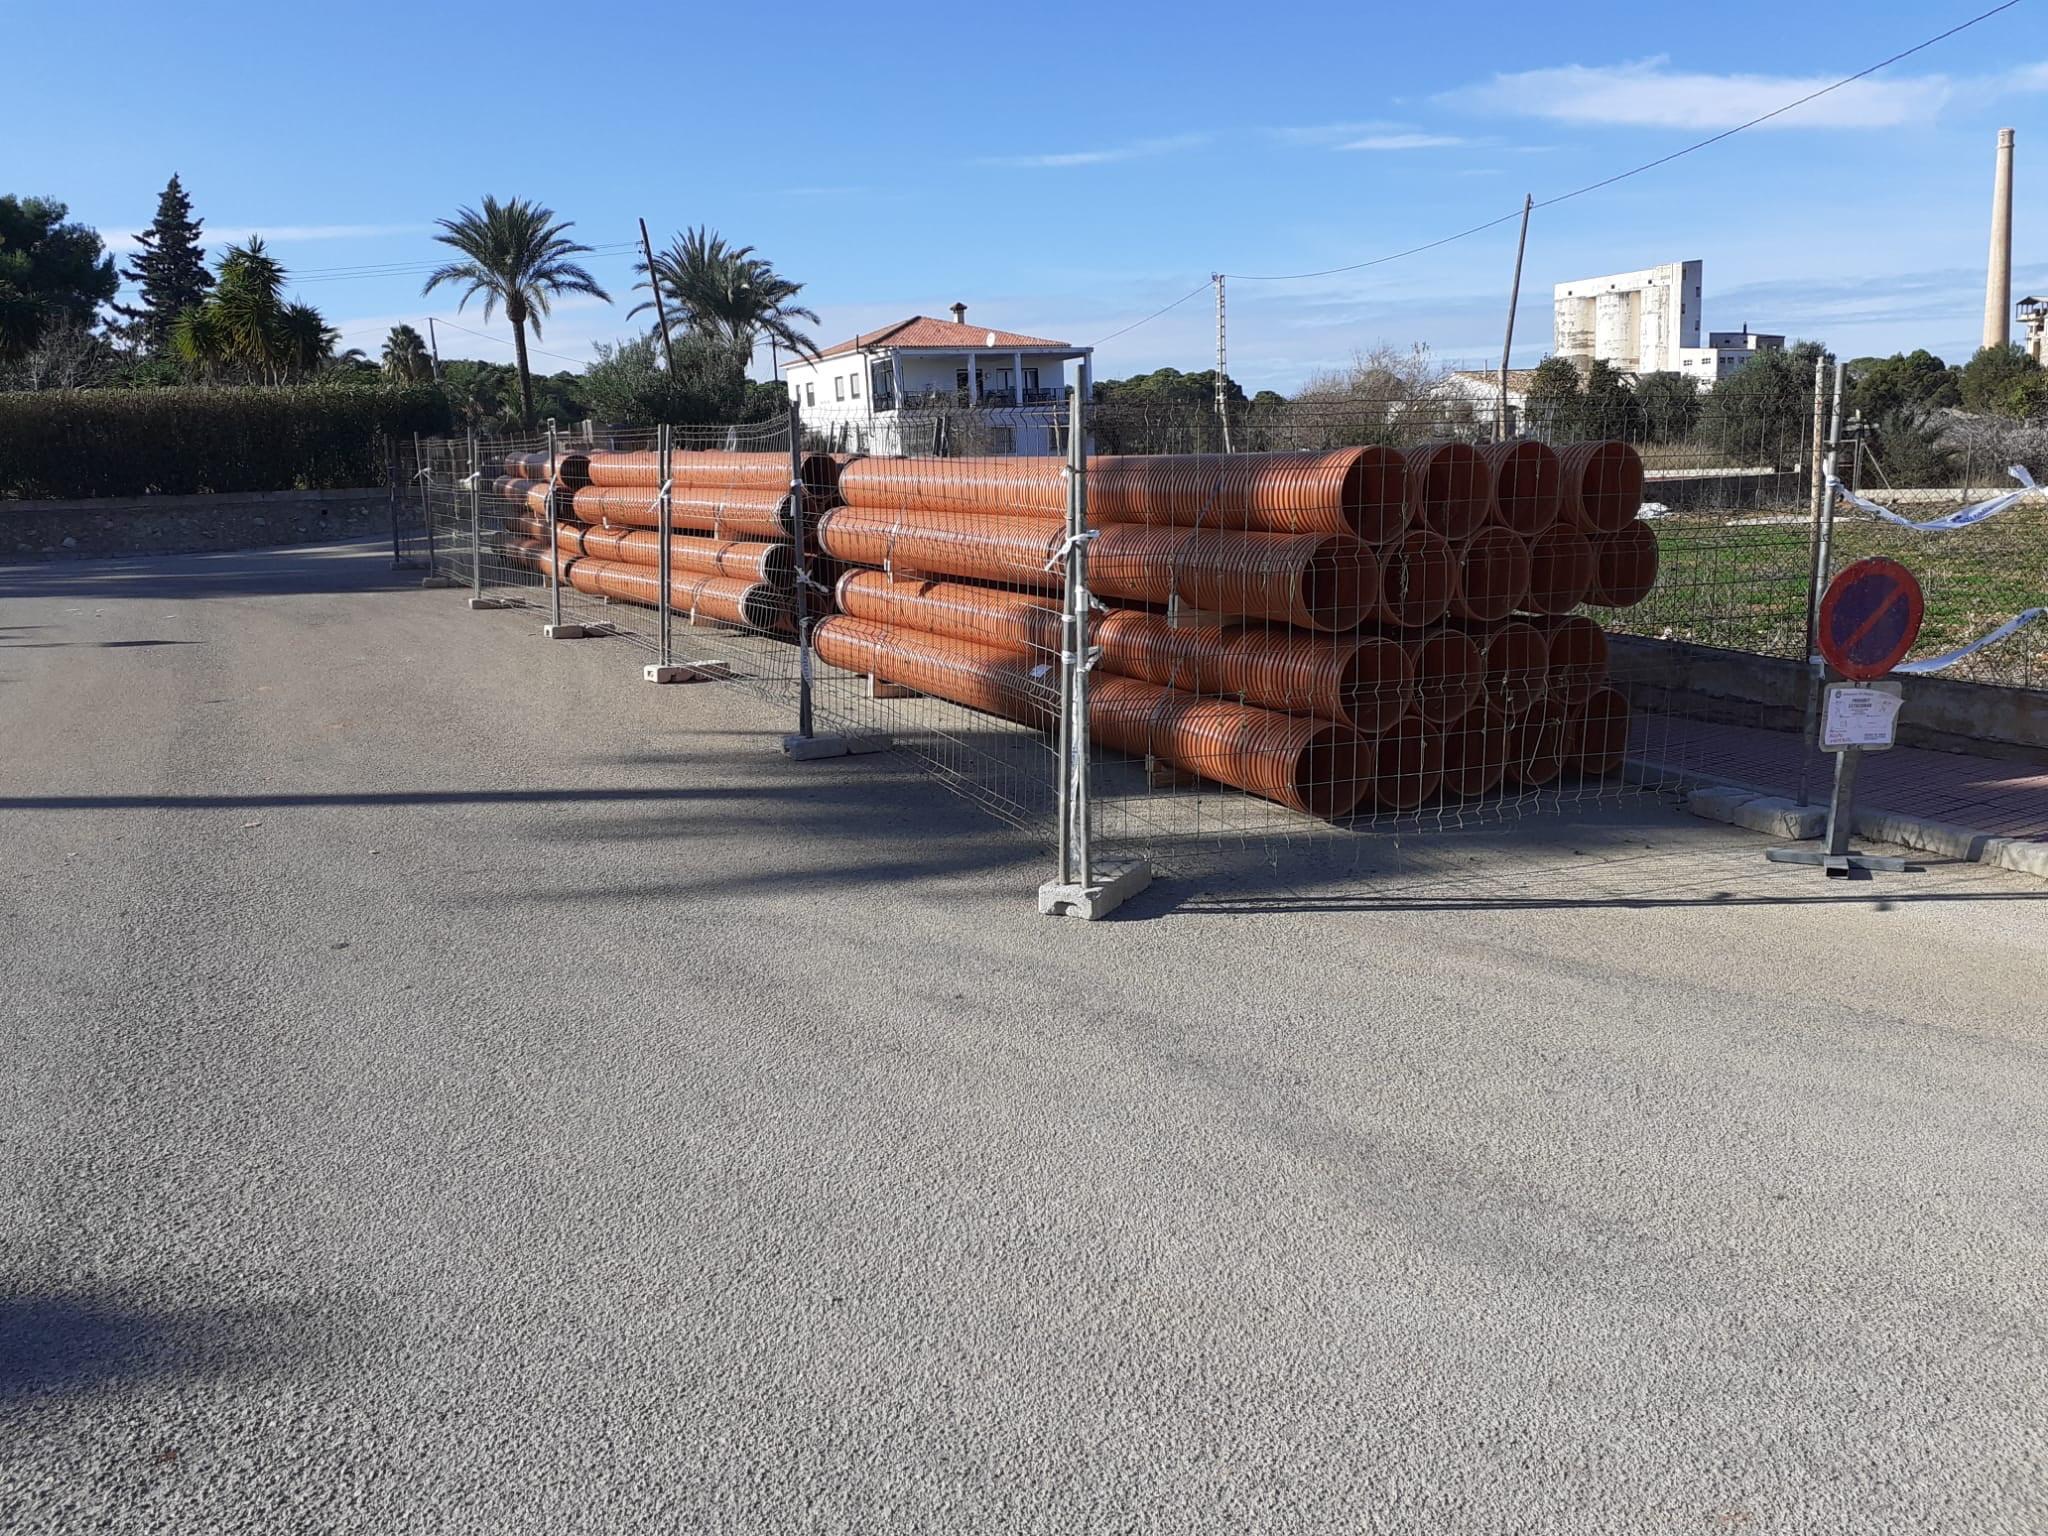 Se han instalado más de 430 metros de nuevas conducciones en el entorno de las calles Artemis y Aquil·les